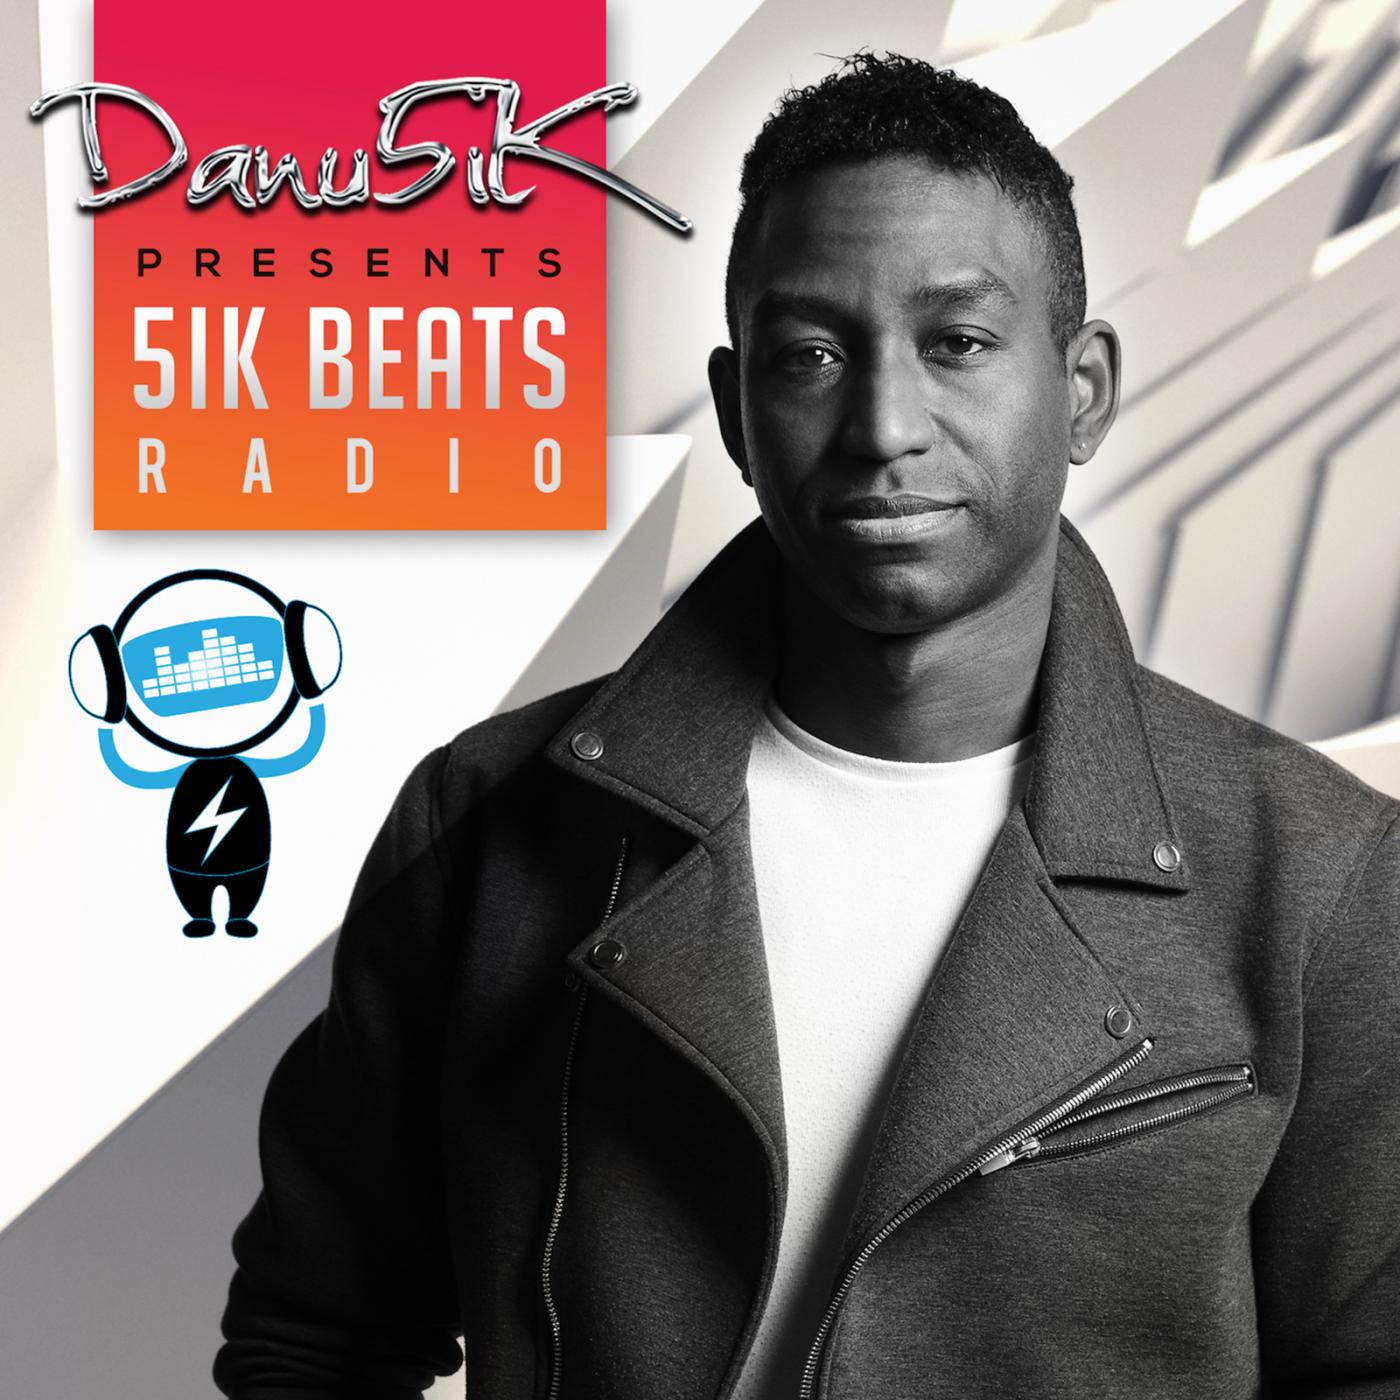 5ik Beats Radio 108 | Danu5ik